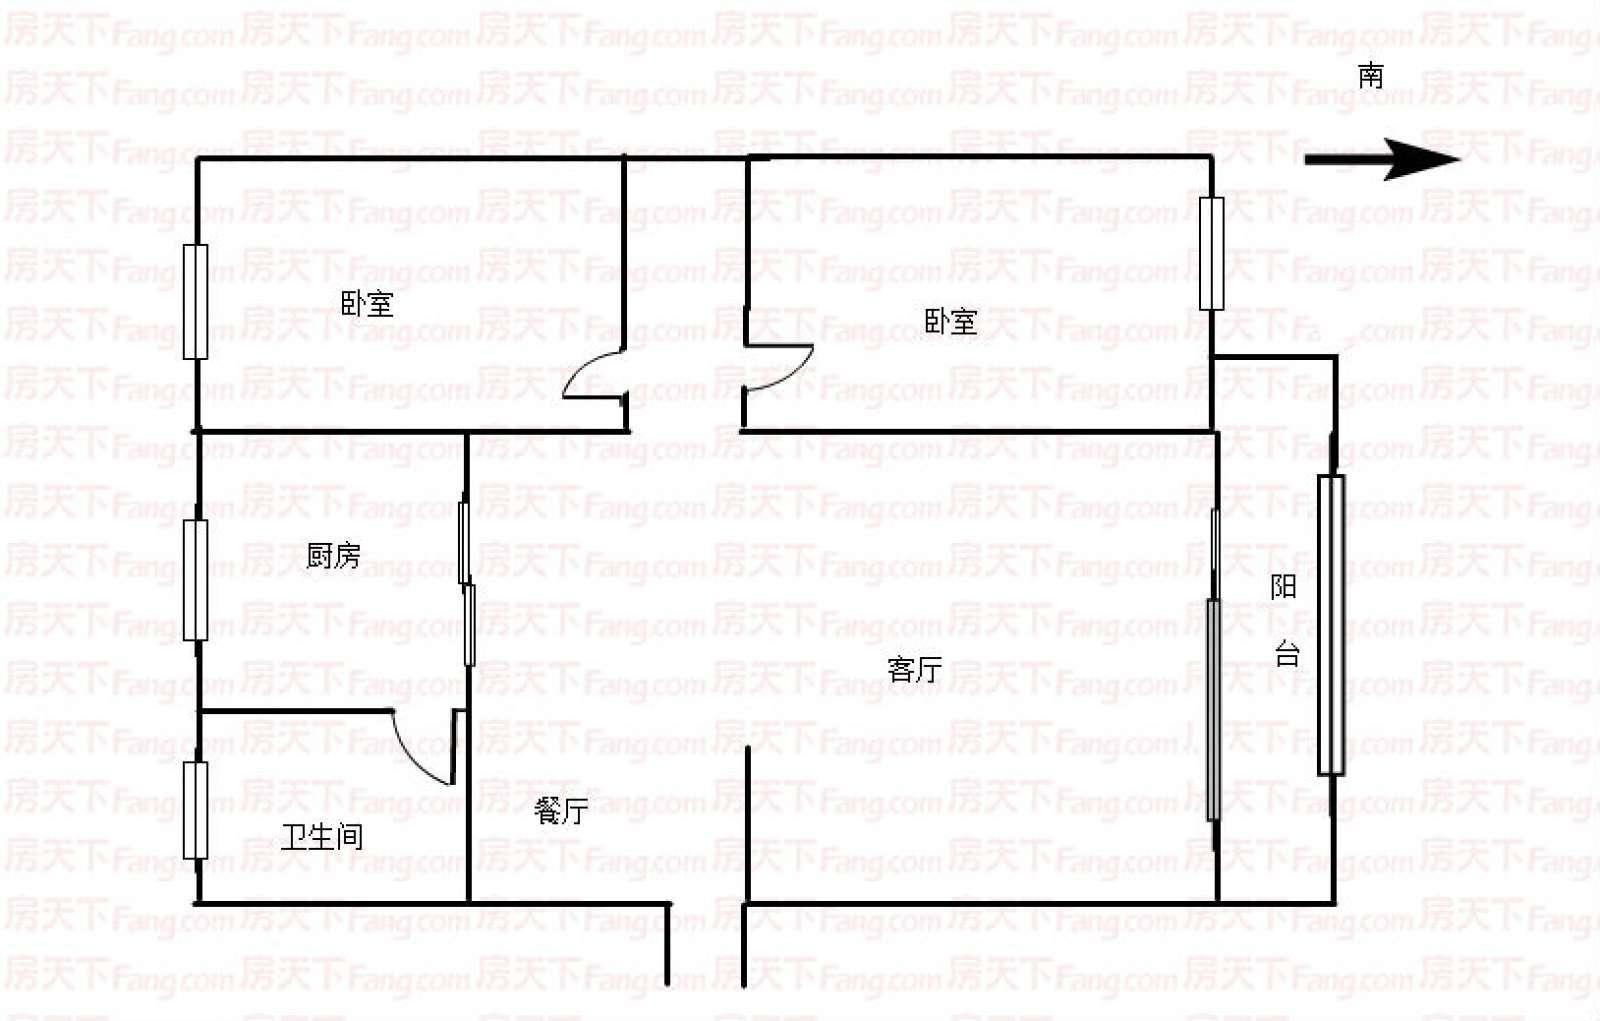 西苑小区 2室2厅92㎡